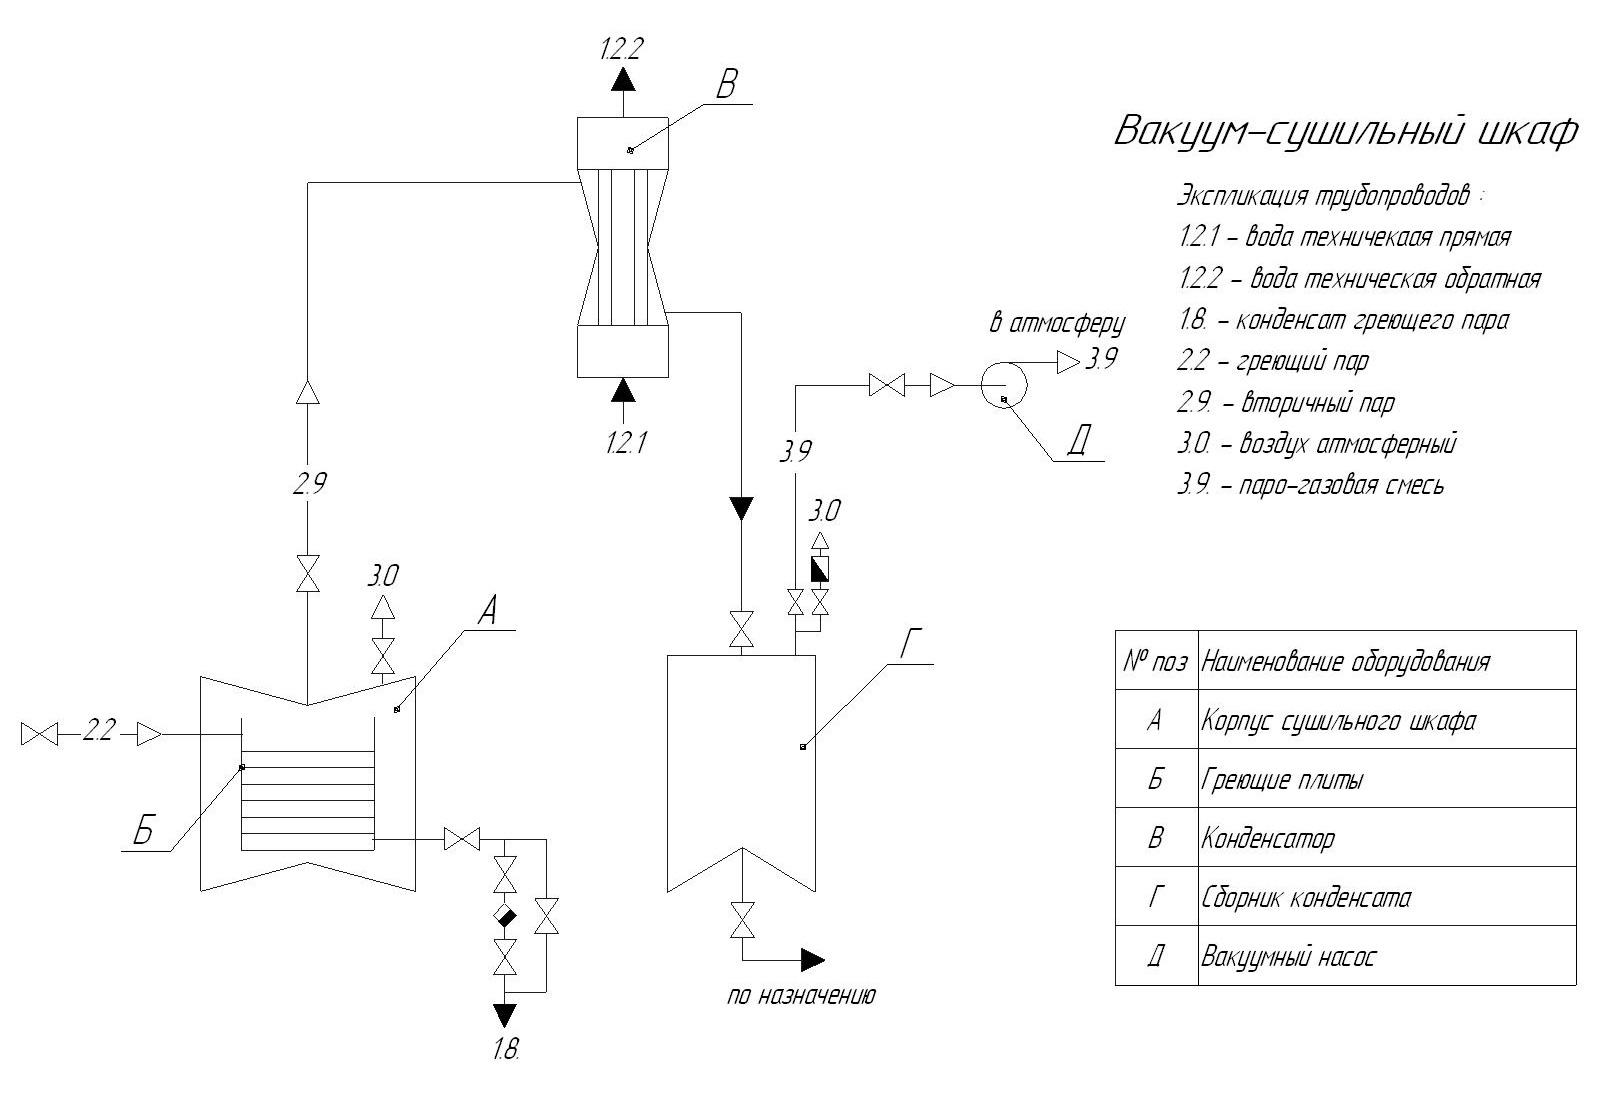 Отчет по общеинженерной практике на химических производствах Схема установки вакуум сушильного шкафа